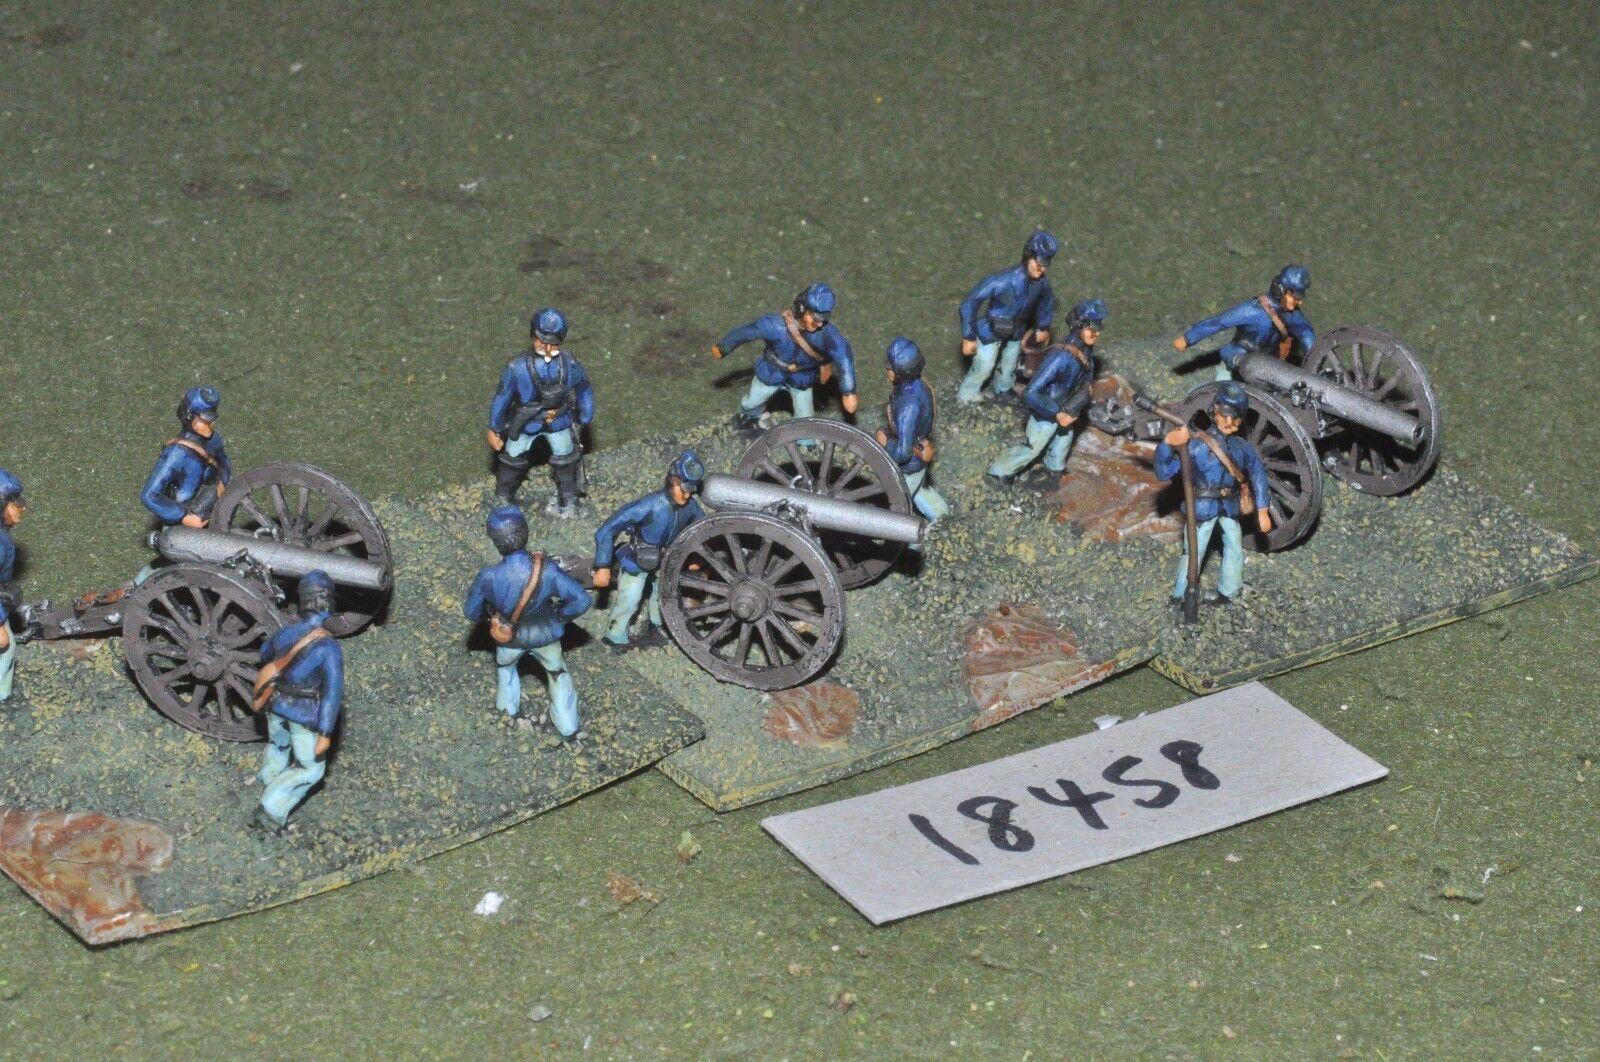 25mm ACW   union - american civil war artillery 3 guns & crews - art (18458)